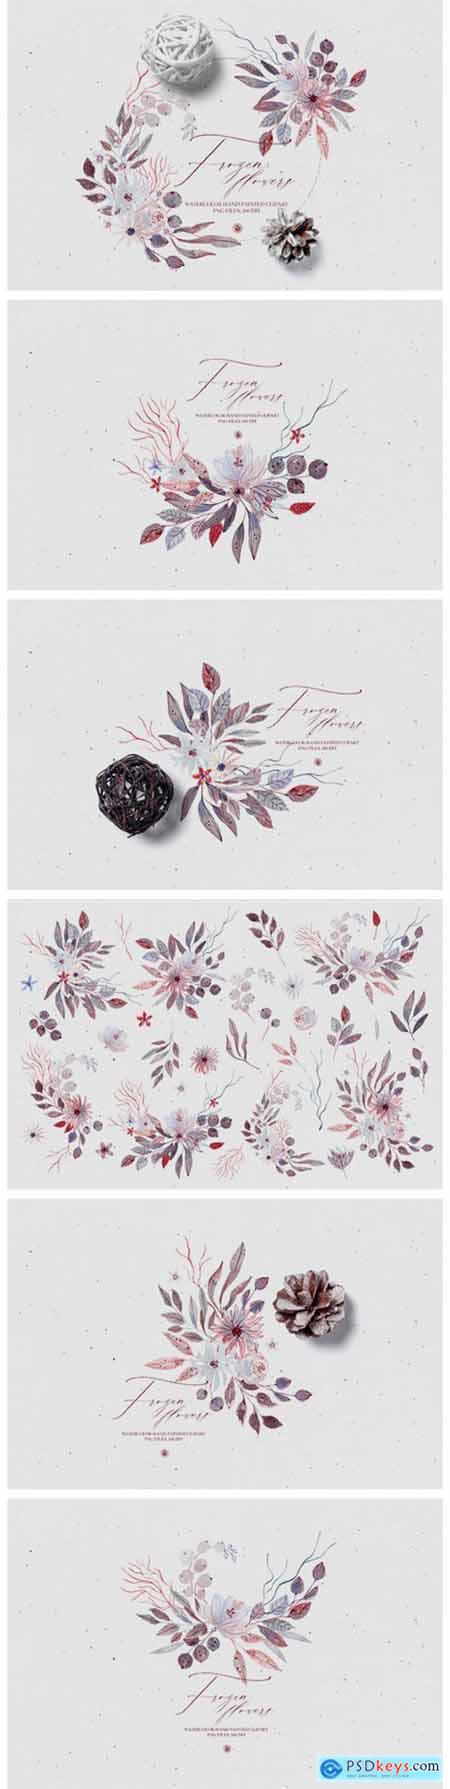 Watercolor Floral Set - Frozen Flowers 6074412